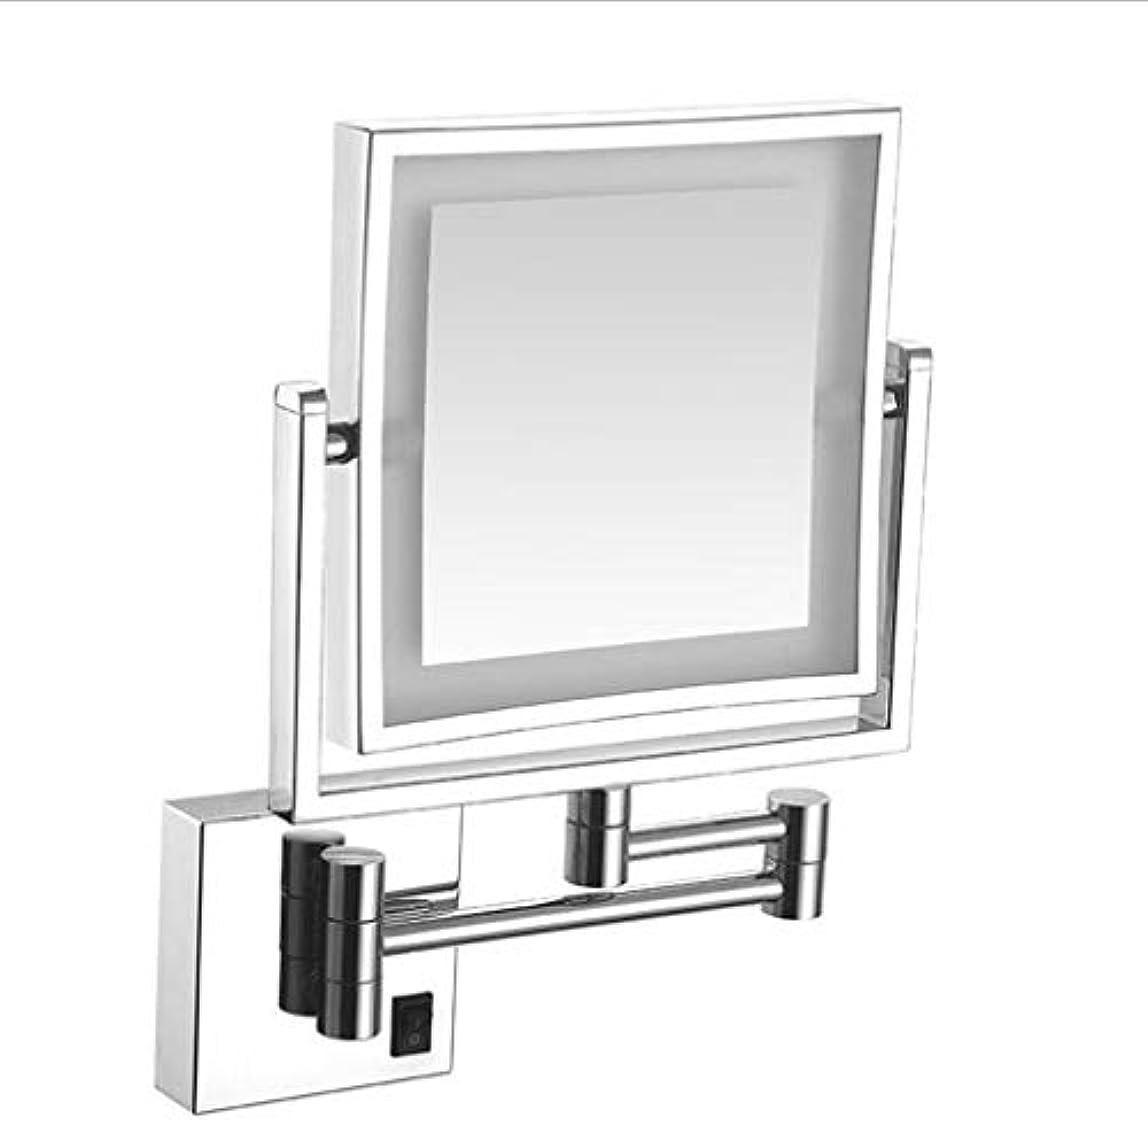 むしろ圧倒的おなじみのCUUYQ 化粧鏡LEDライト、両面 3倍拡大 けメイクミラー 360 °回転 壁掛け式 伸縮可能折り 化粧ミラー 8インチハードワイヤード接続,Silver